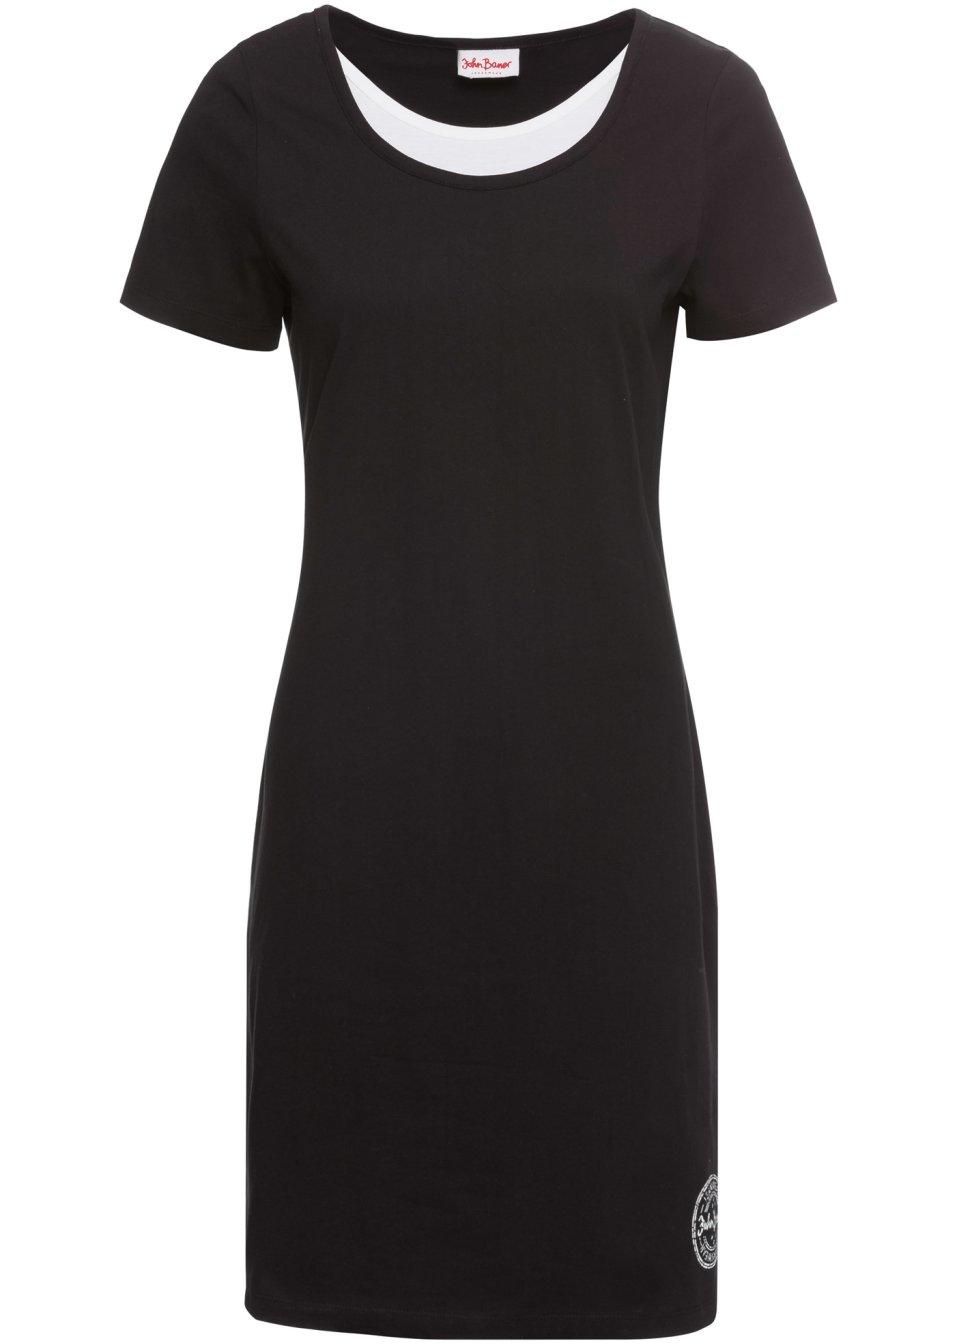 Baumwoll Jerseykleid schwarz - John Baner JEANSWEAR online bestellen - bonprix.de ErRV2 0BXDm